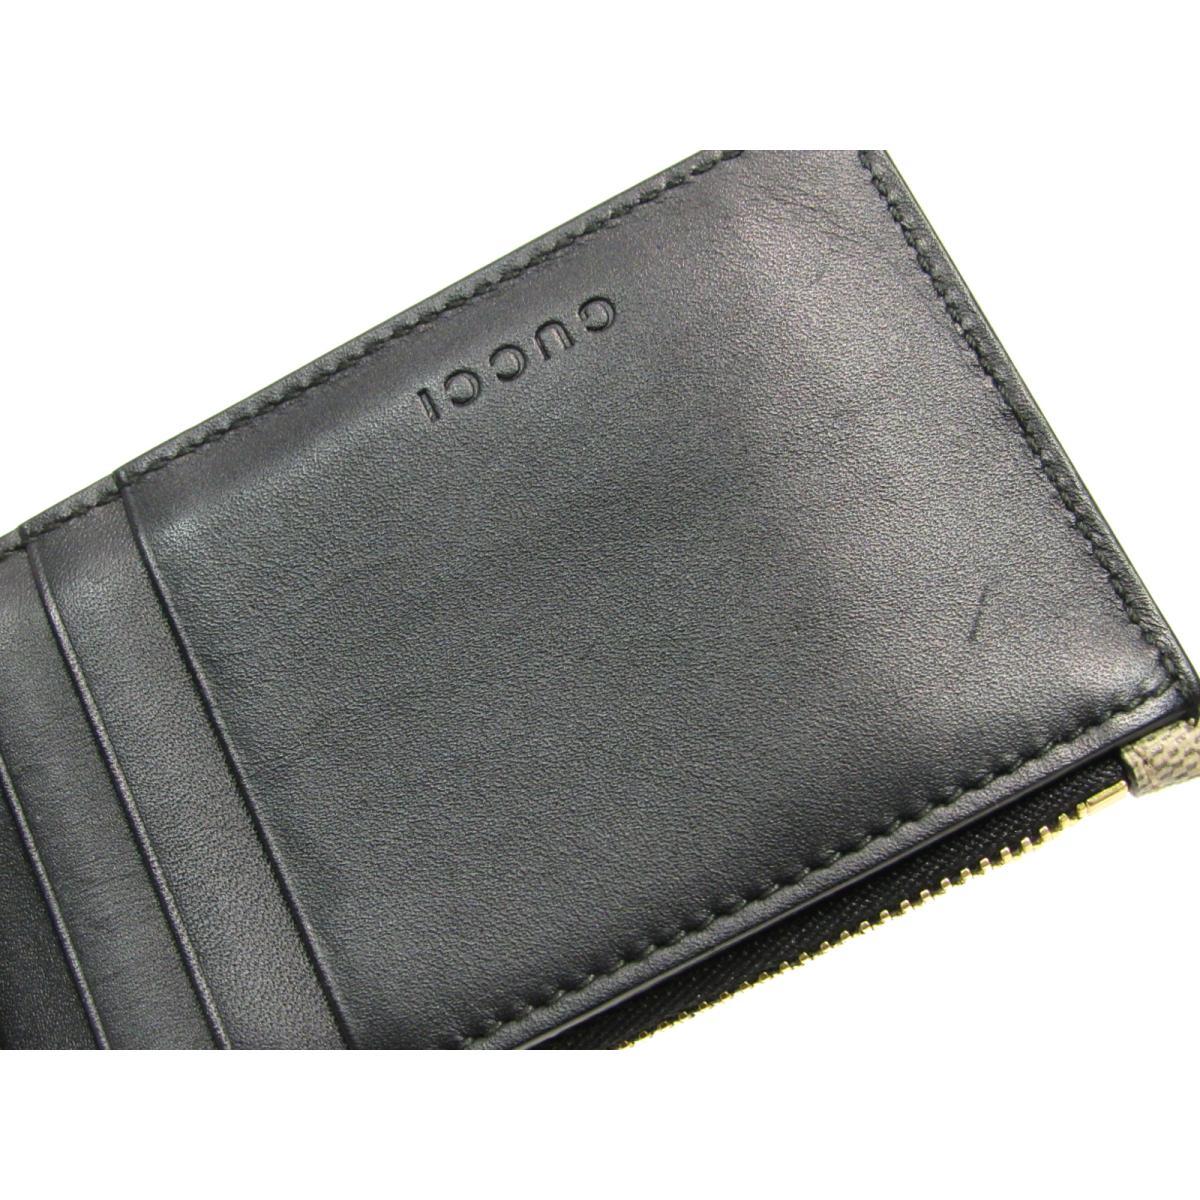 64bbe8c180c6 ... グッチコインケースカードケース小銭入れ財布レディースレザーxコーティングキャンバス( ...